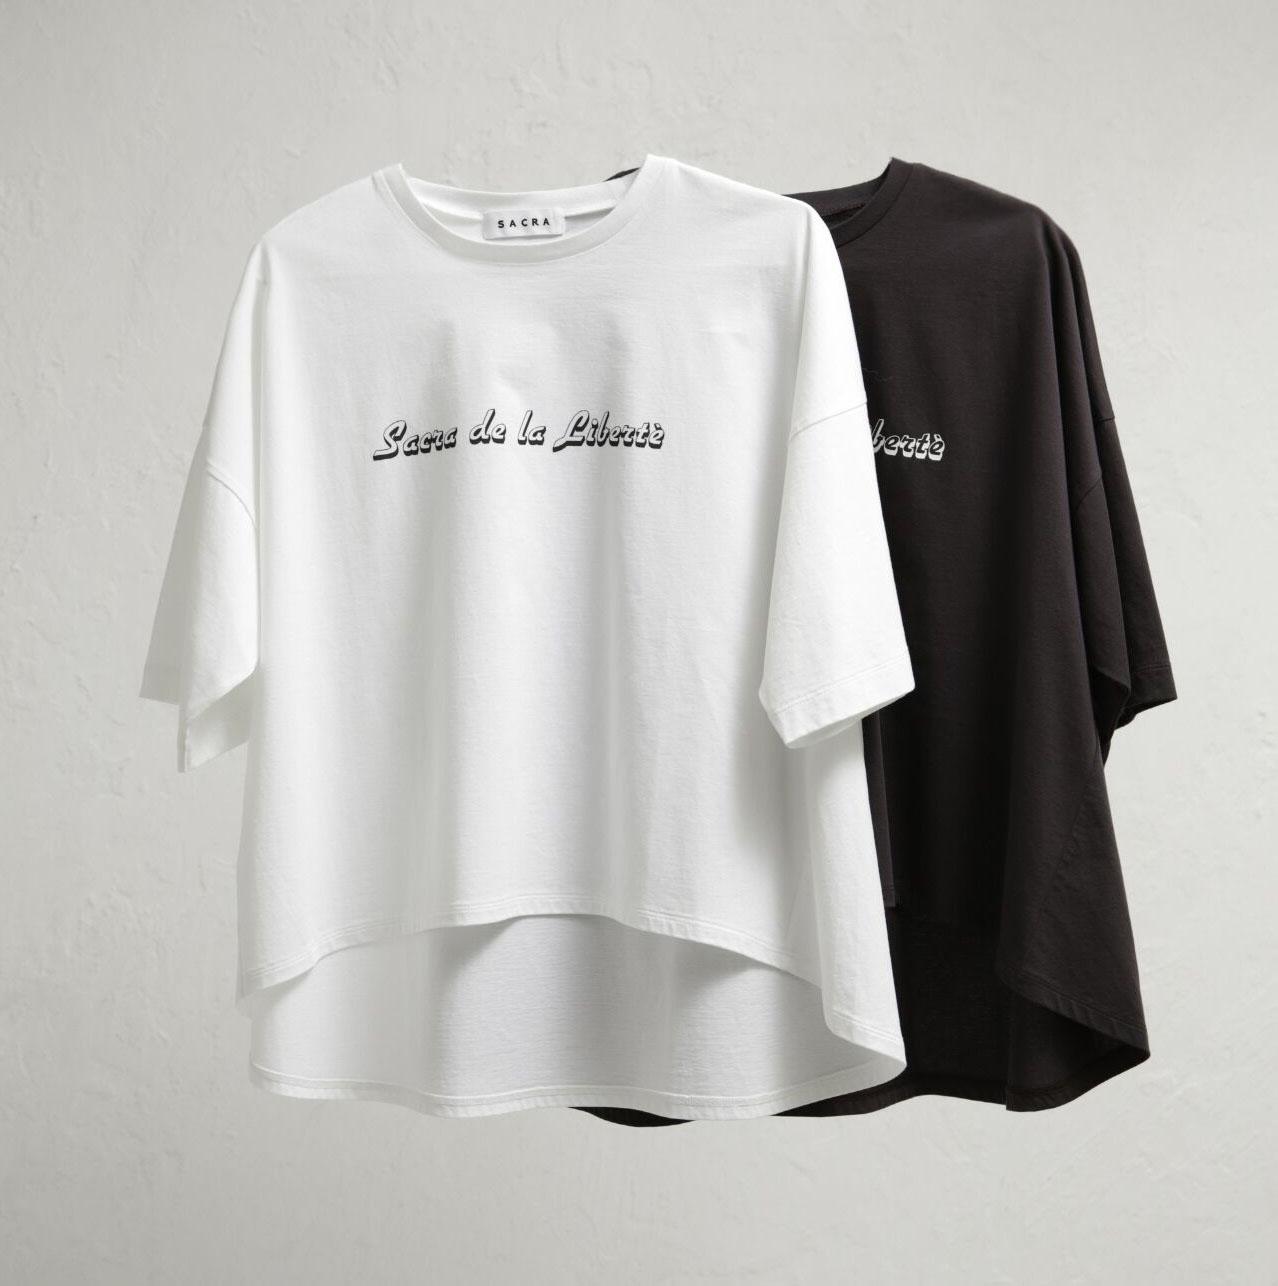 《Twitter フォロー&RTで応募》人気のレディースブランド『SACRA』のオリジナルロゴTシャツを2名様に♡__1